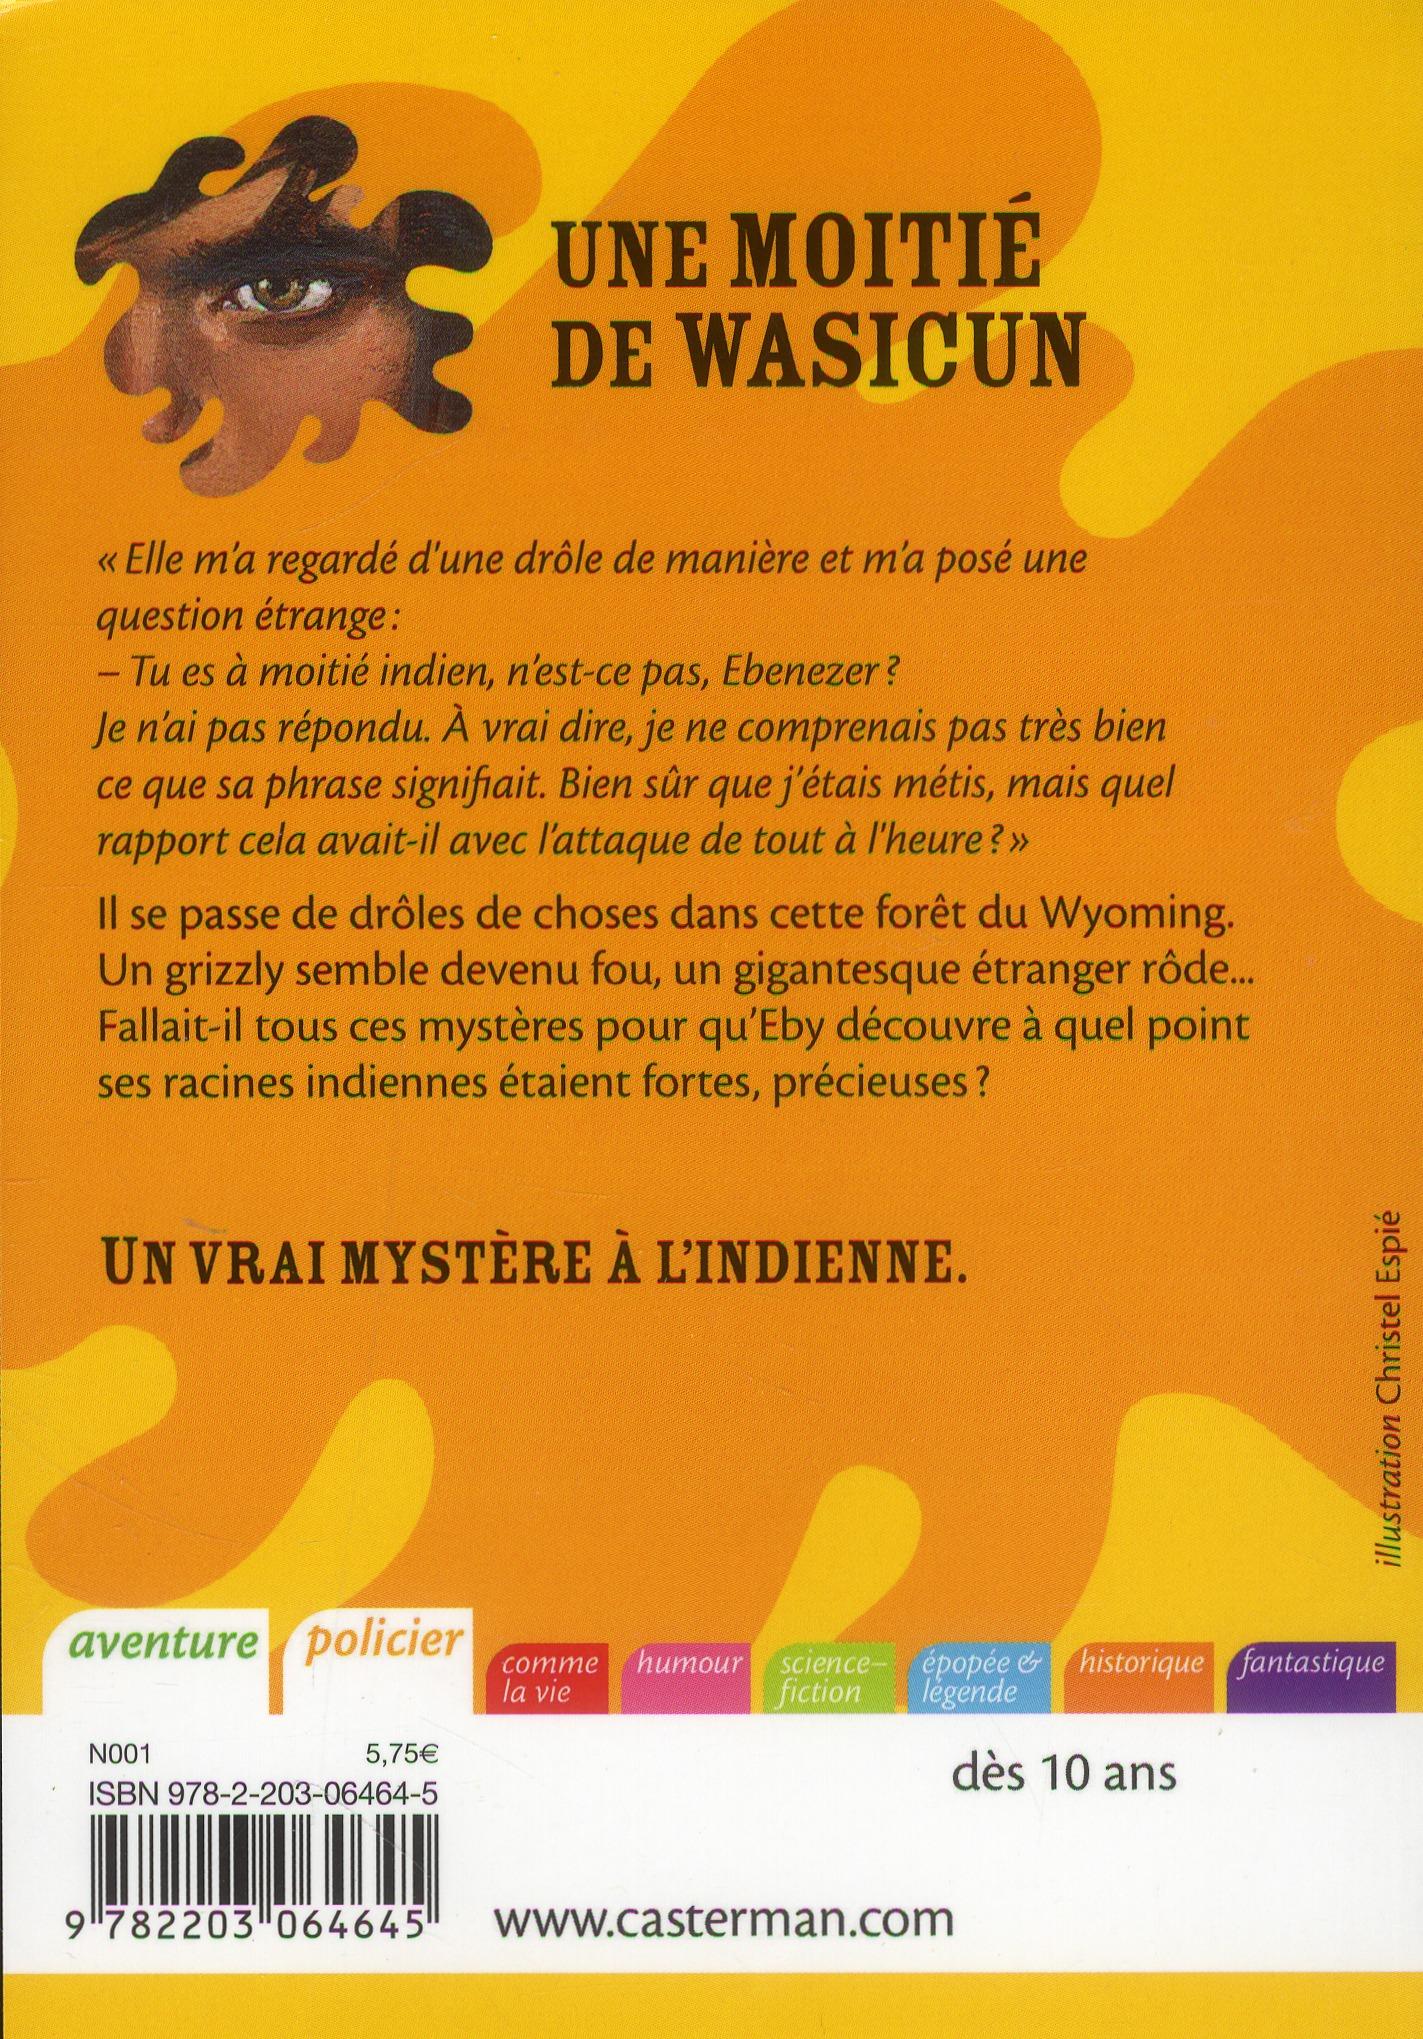 Une moitié de Wasicun